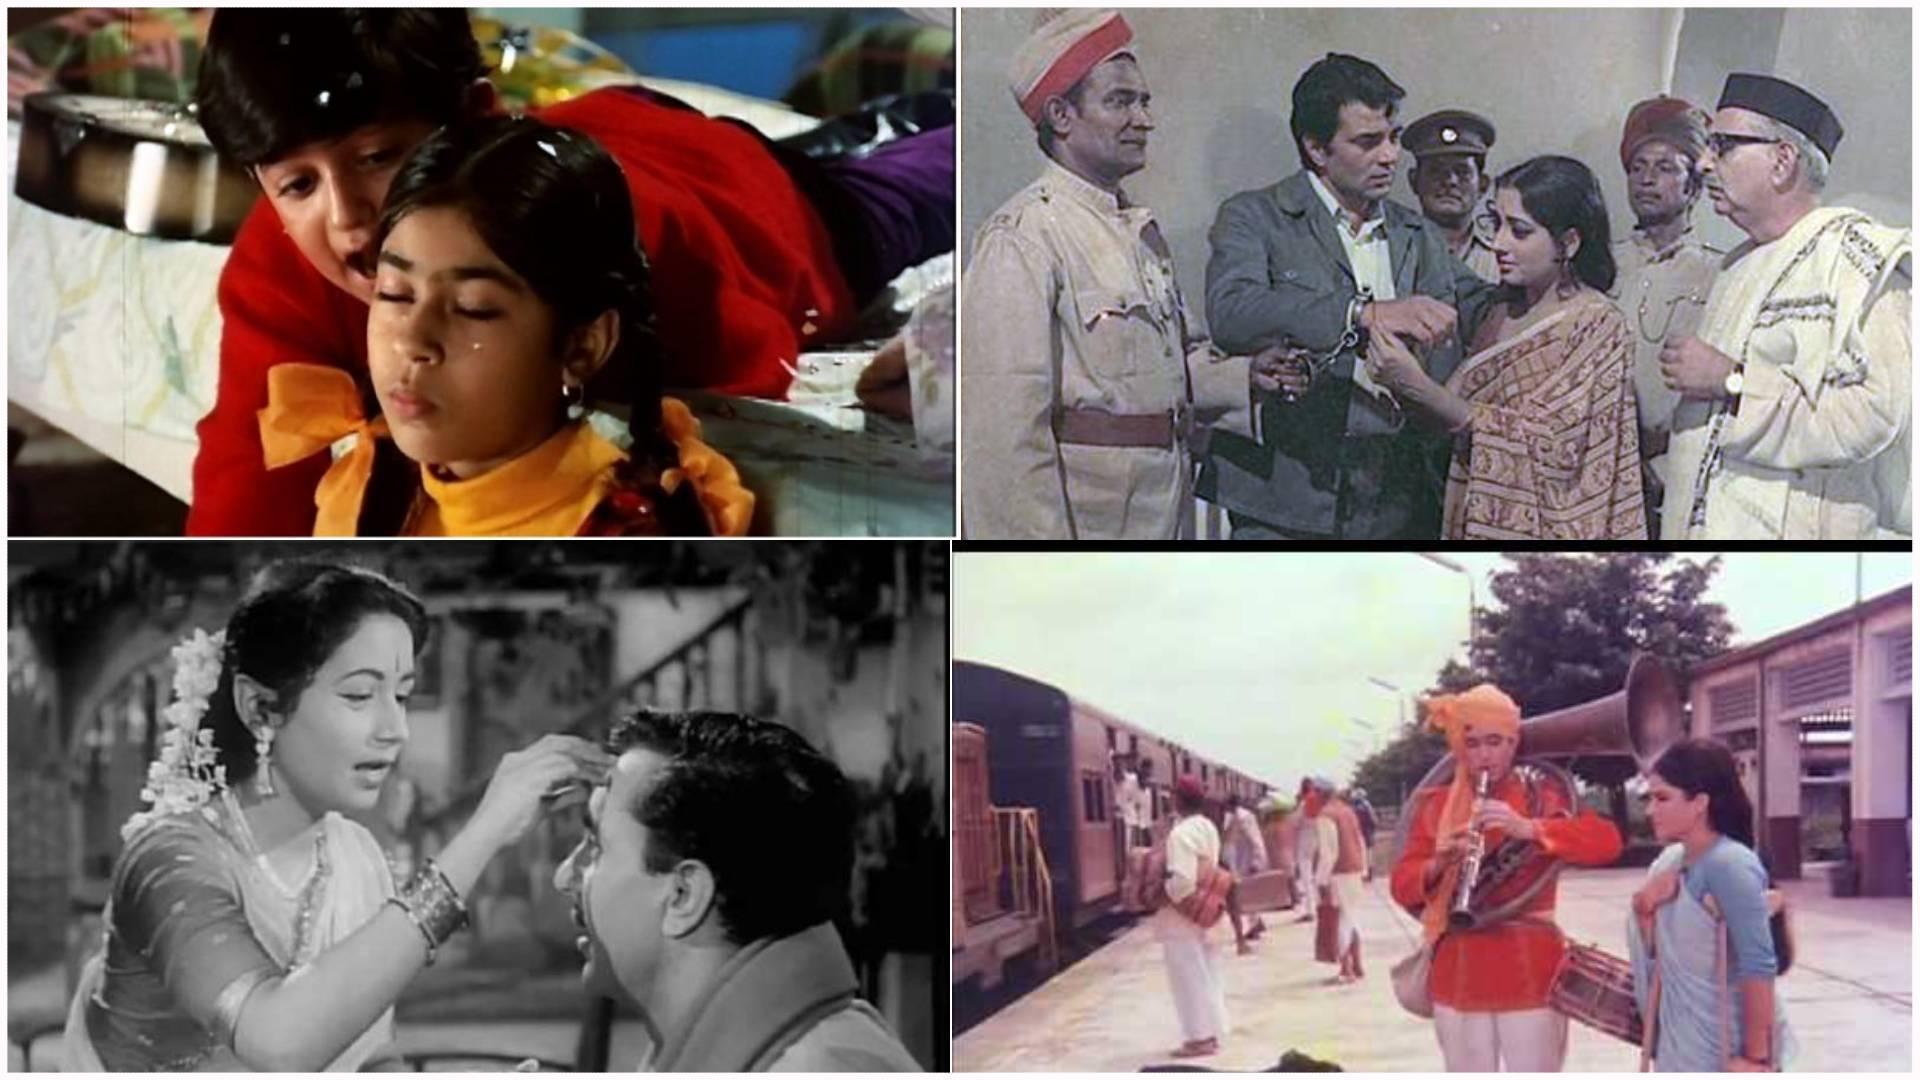 Raksha Bandhan 2019: रक्षा बंधन के ये 5 गाने कभी नहीं होंगे पुराने, इन्हें सुने बिना ये त्योहार लगेगा अधूरा